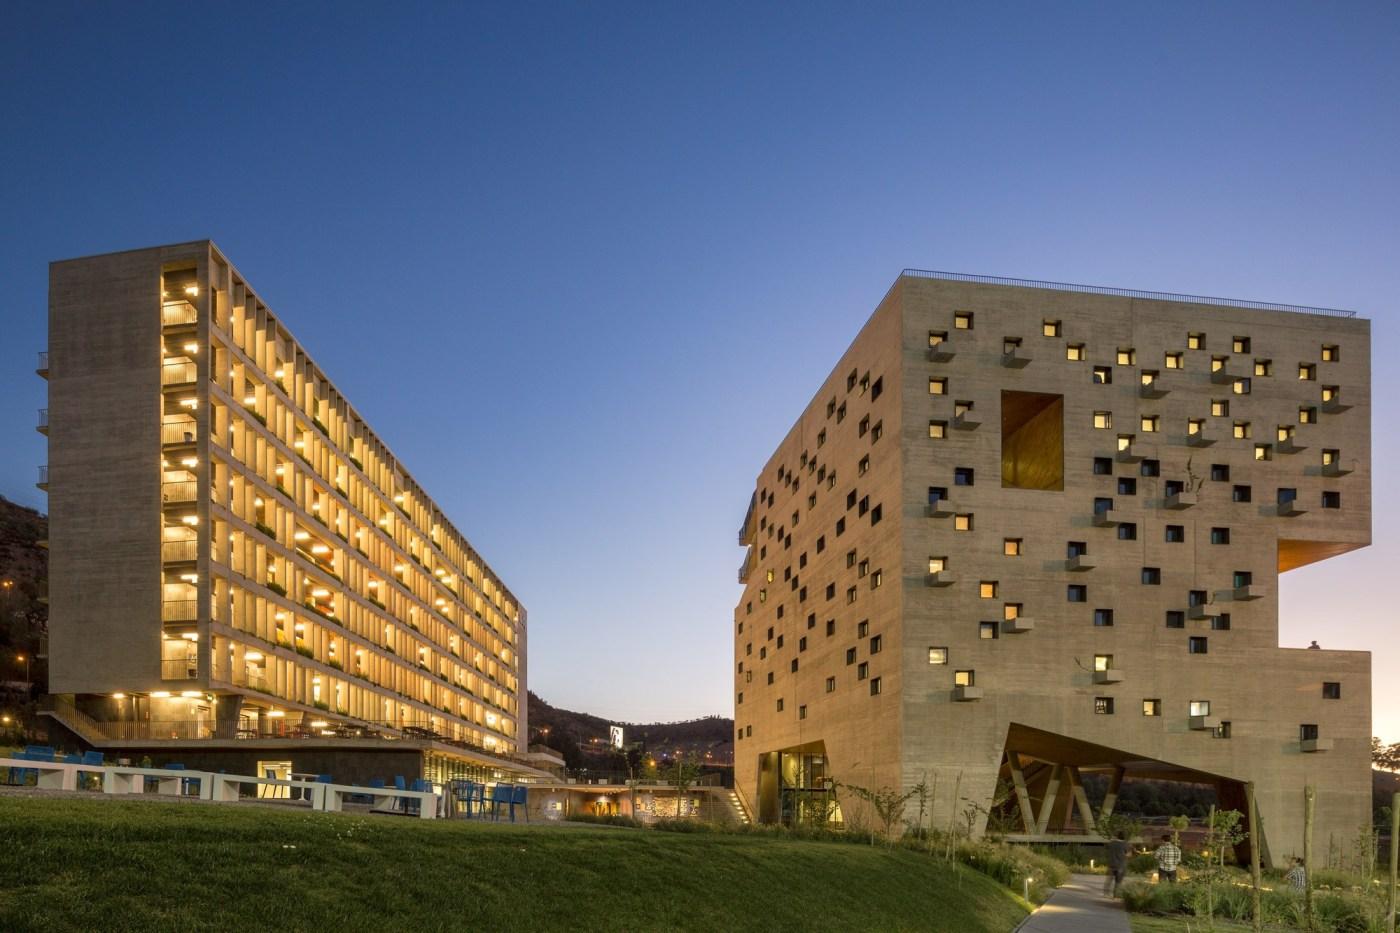 Faculdade de Economia e Negócios da Universidade Diego Portales / Rafael Hevia + Rodrigo Duque Motta + Gabriela Manzi | ArchDaily Brasil